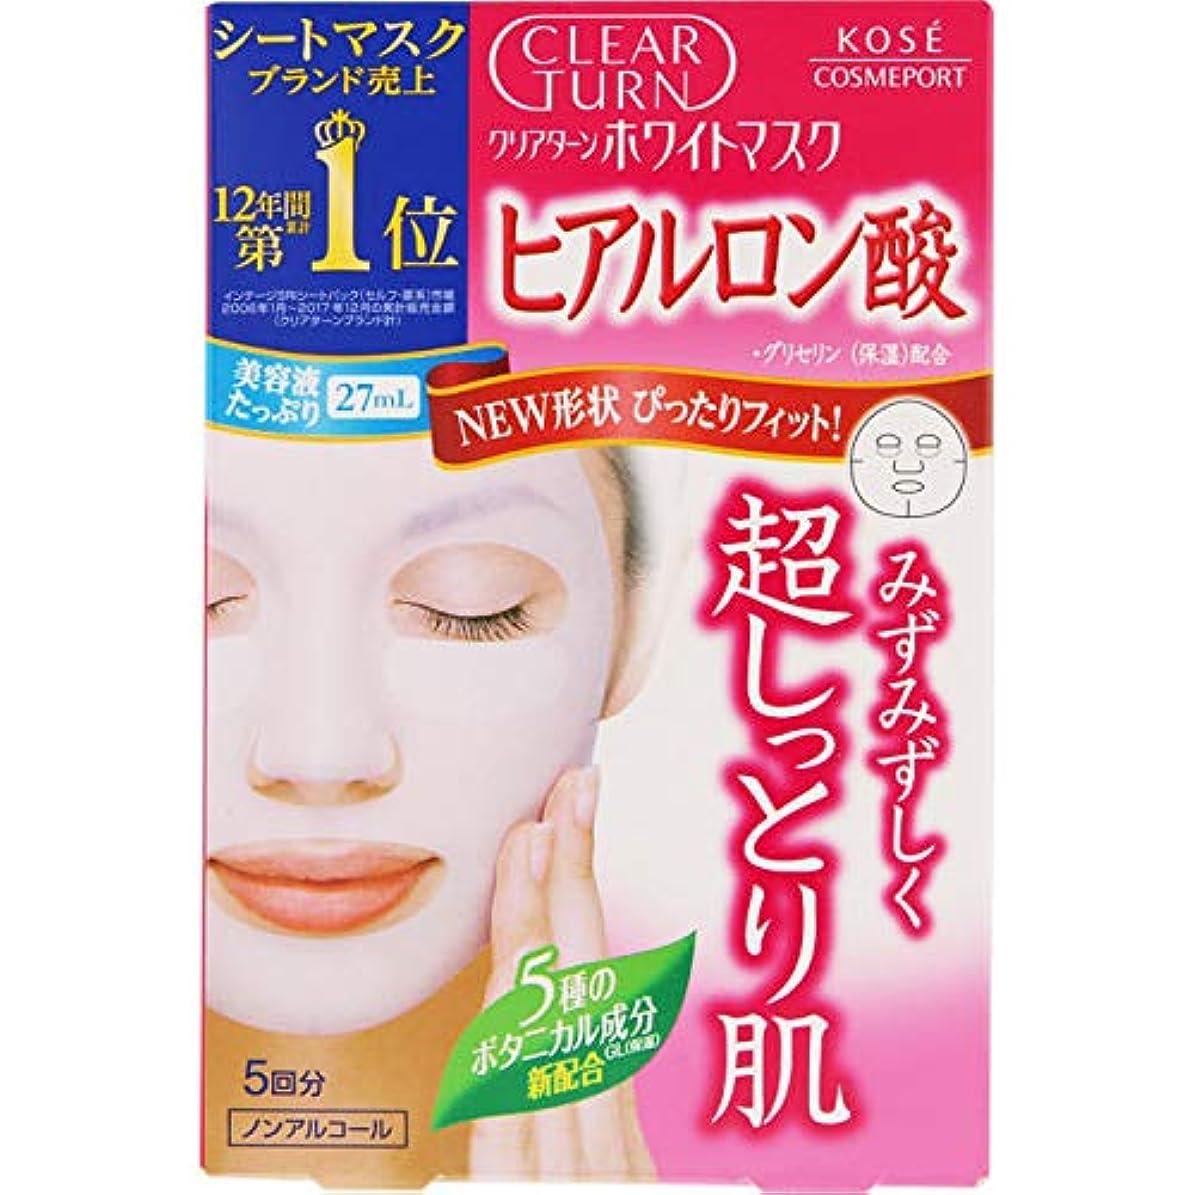 しないでください機械的愛情深いコーセー クリアターン ホワイト マスク(ヒアルロン酸) 5回分